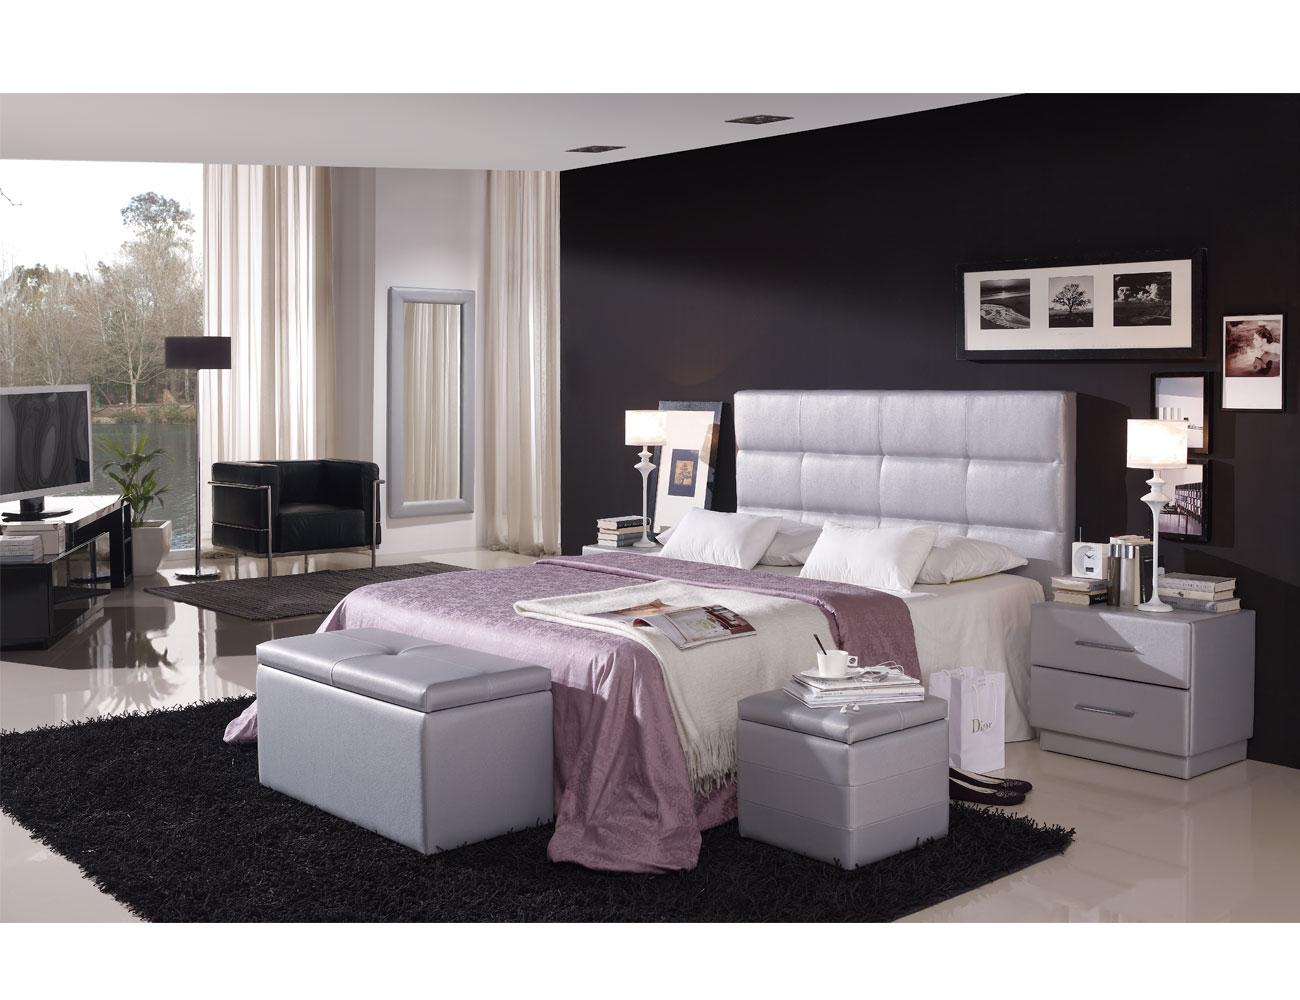 86 pie cama cuadros dormitorio 99